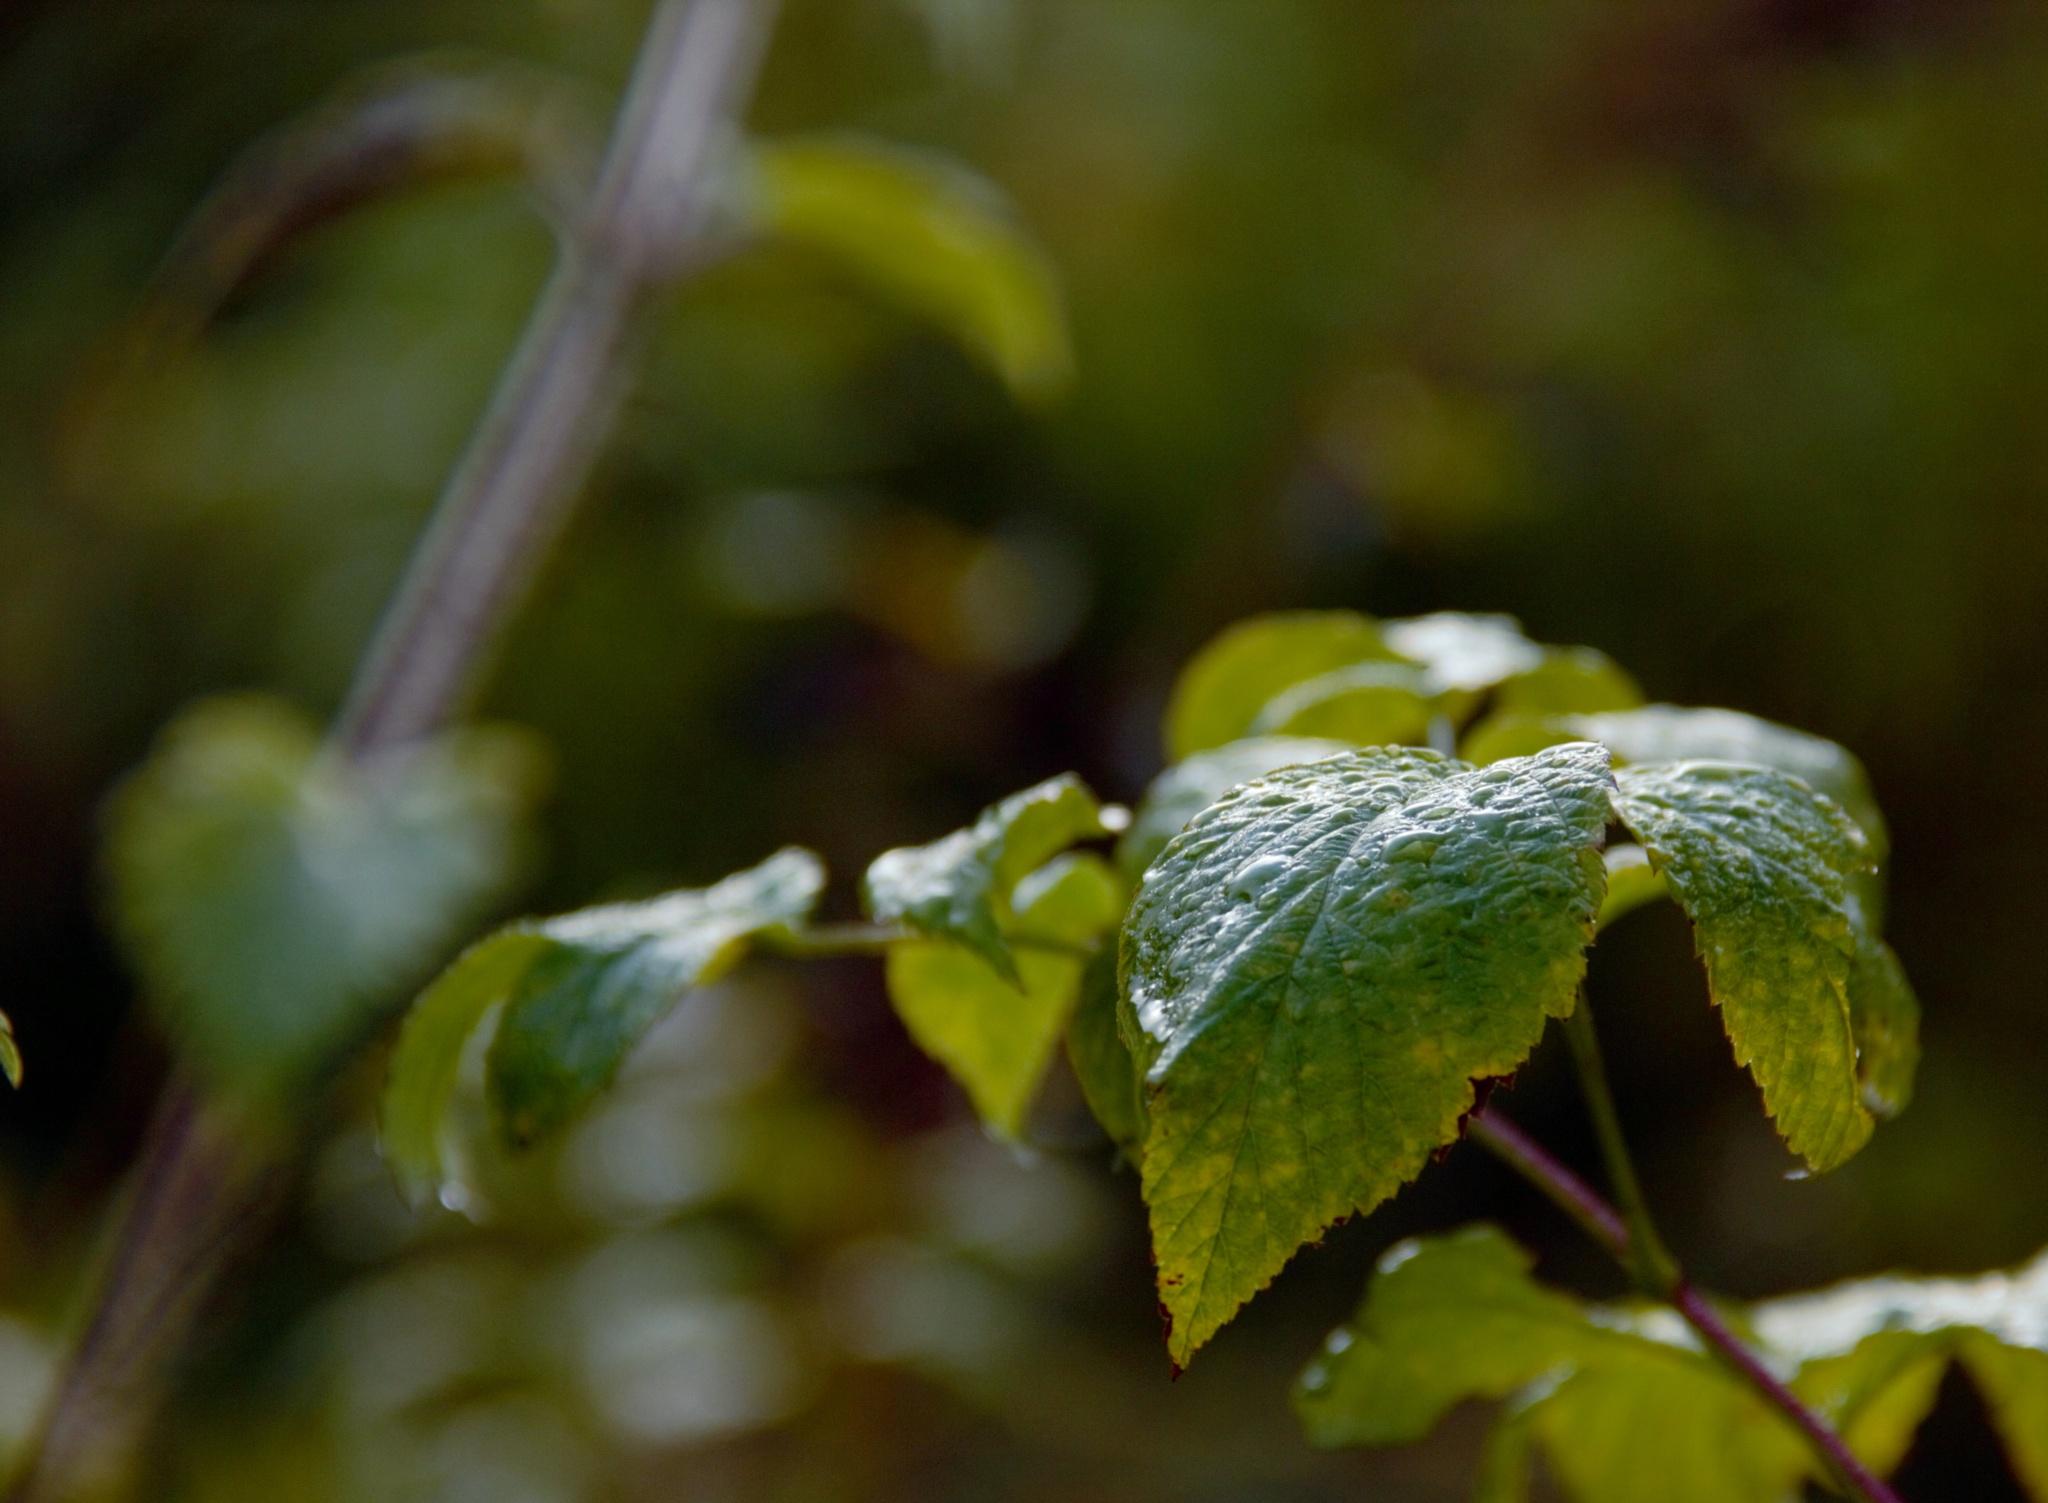 Leaf by erica.roslin